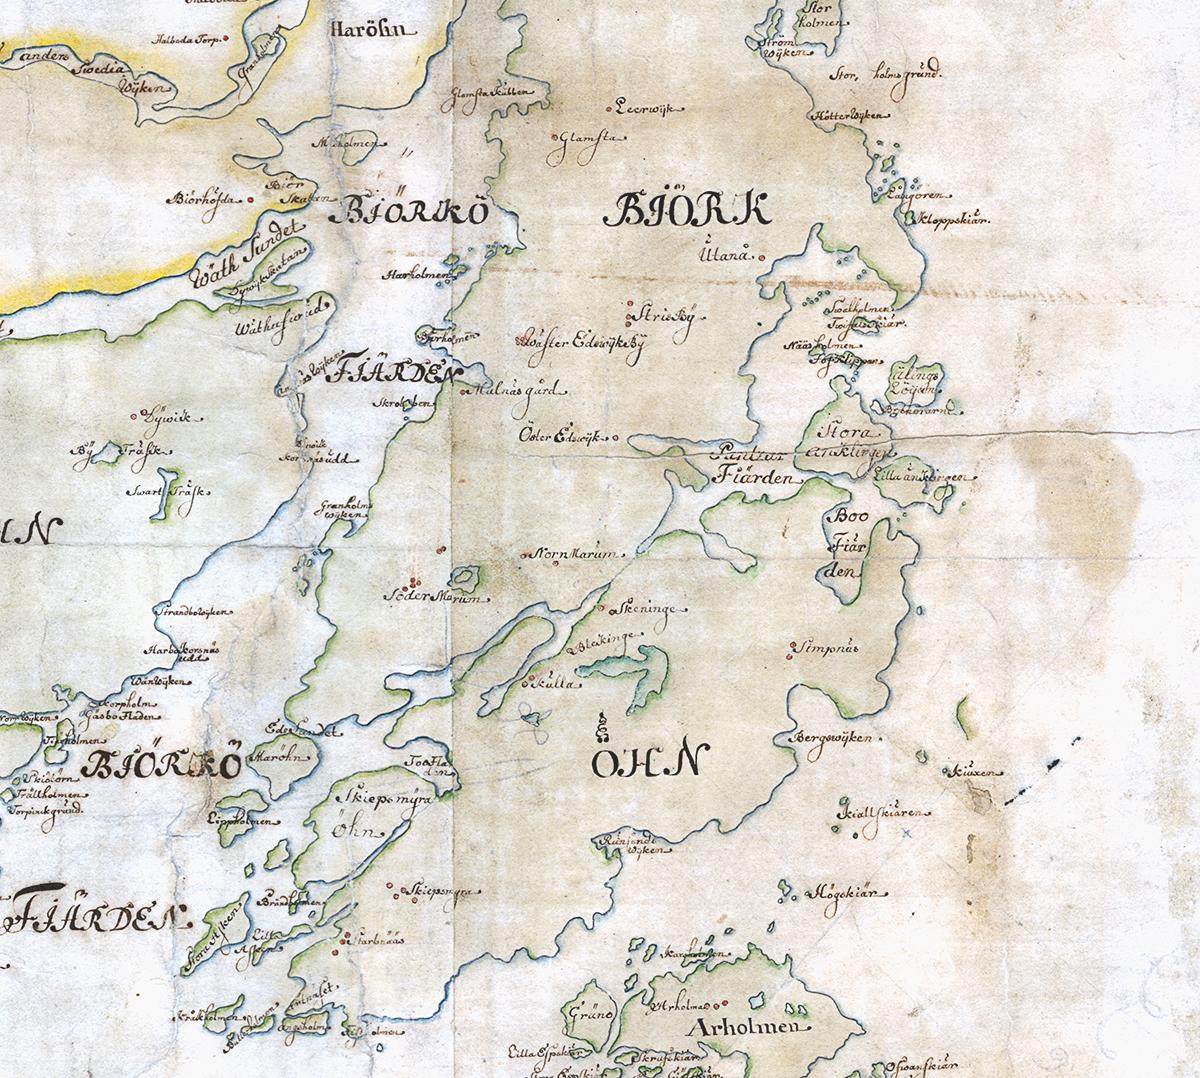 Björkö på Carl Gripenhielms skärgårdskarta från 1690-talet. Väderstrecken är förvridna.